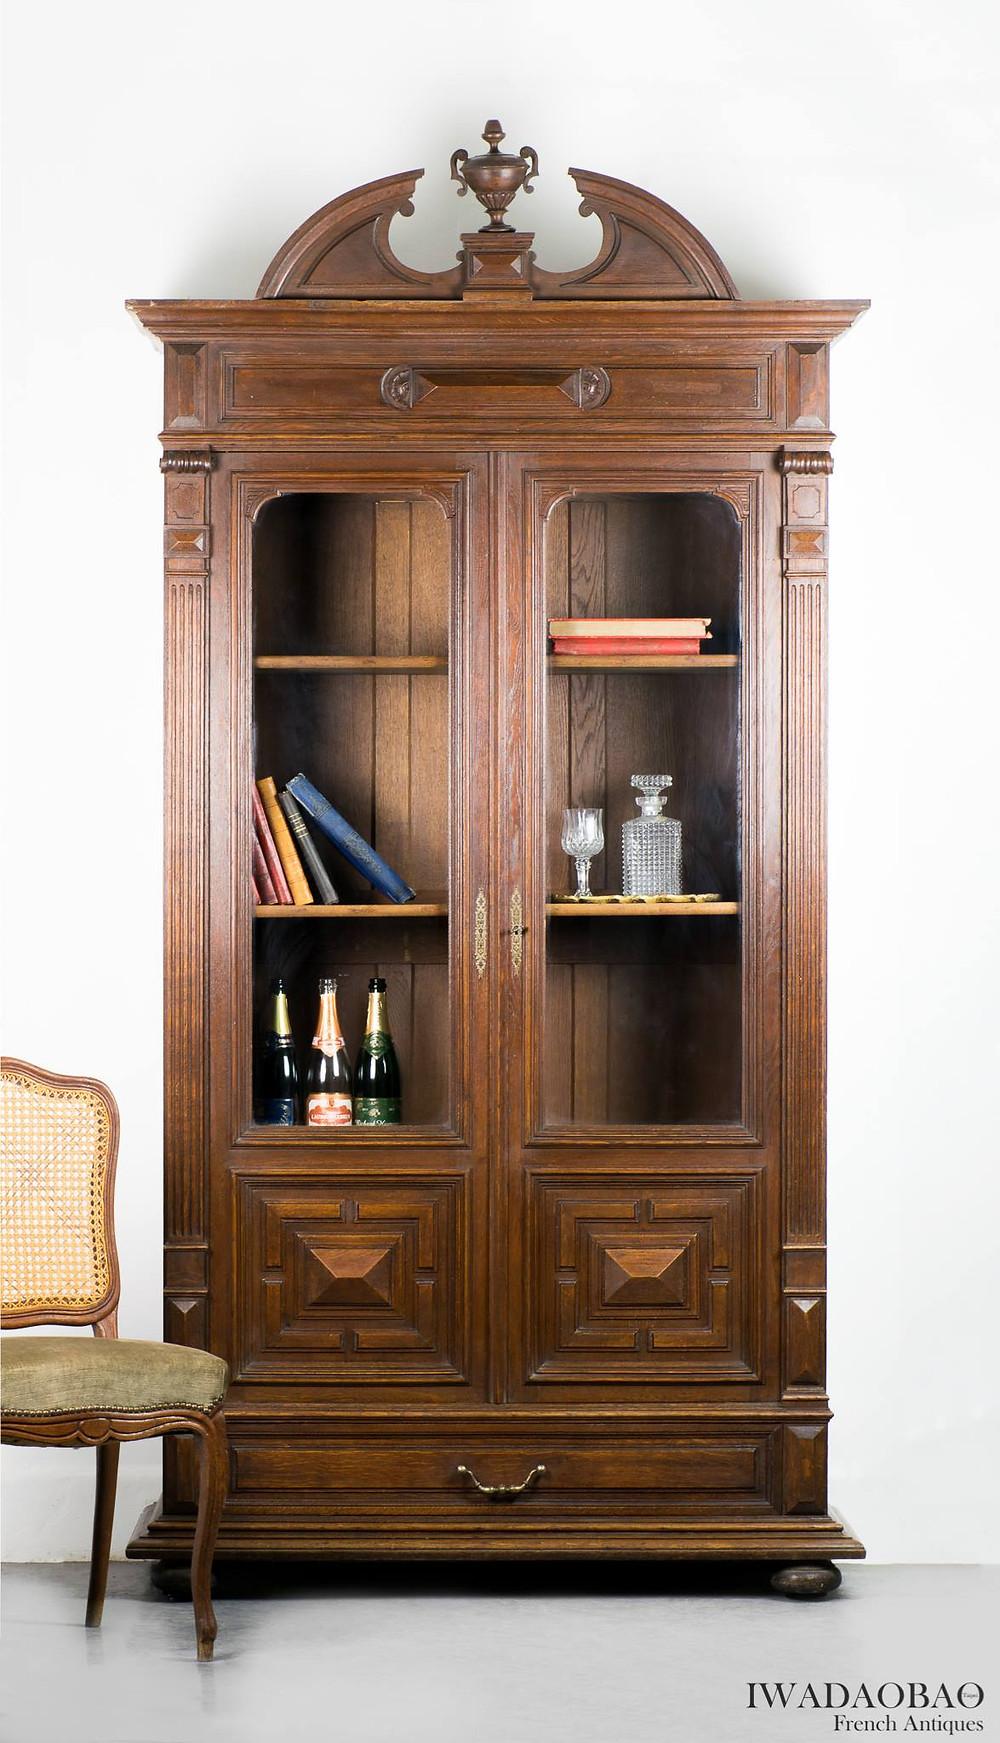 法國拿破崙 III 橡木古董展示櫃